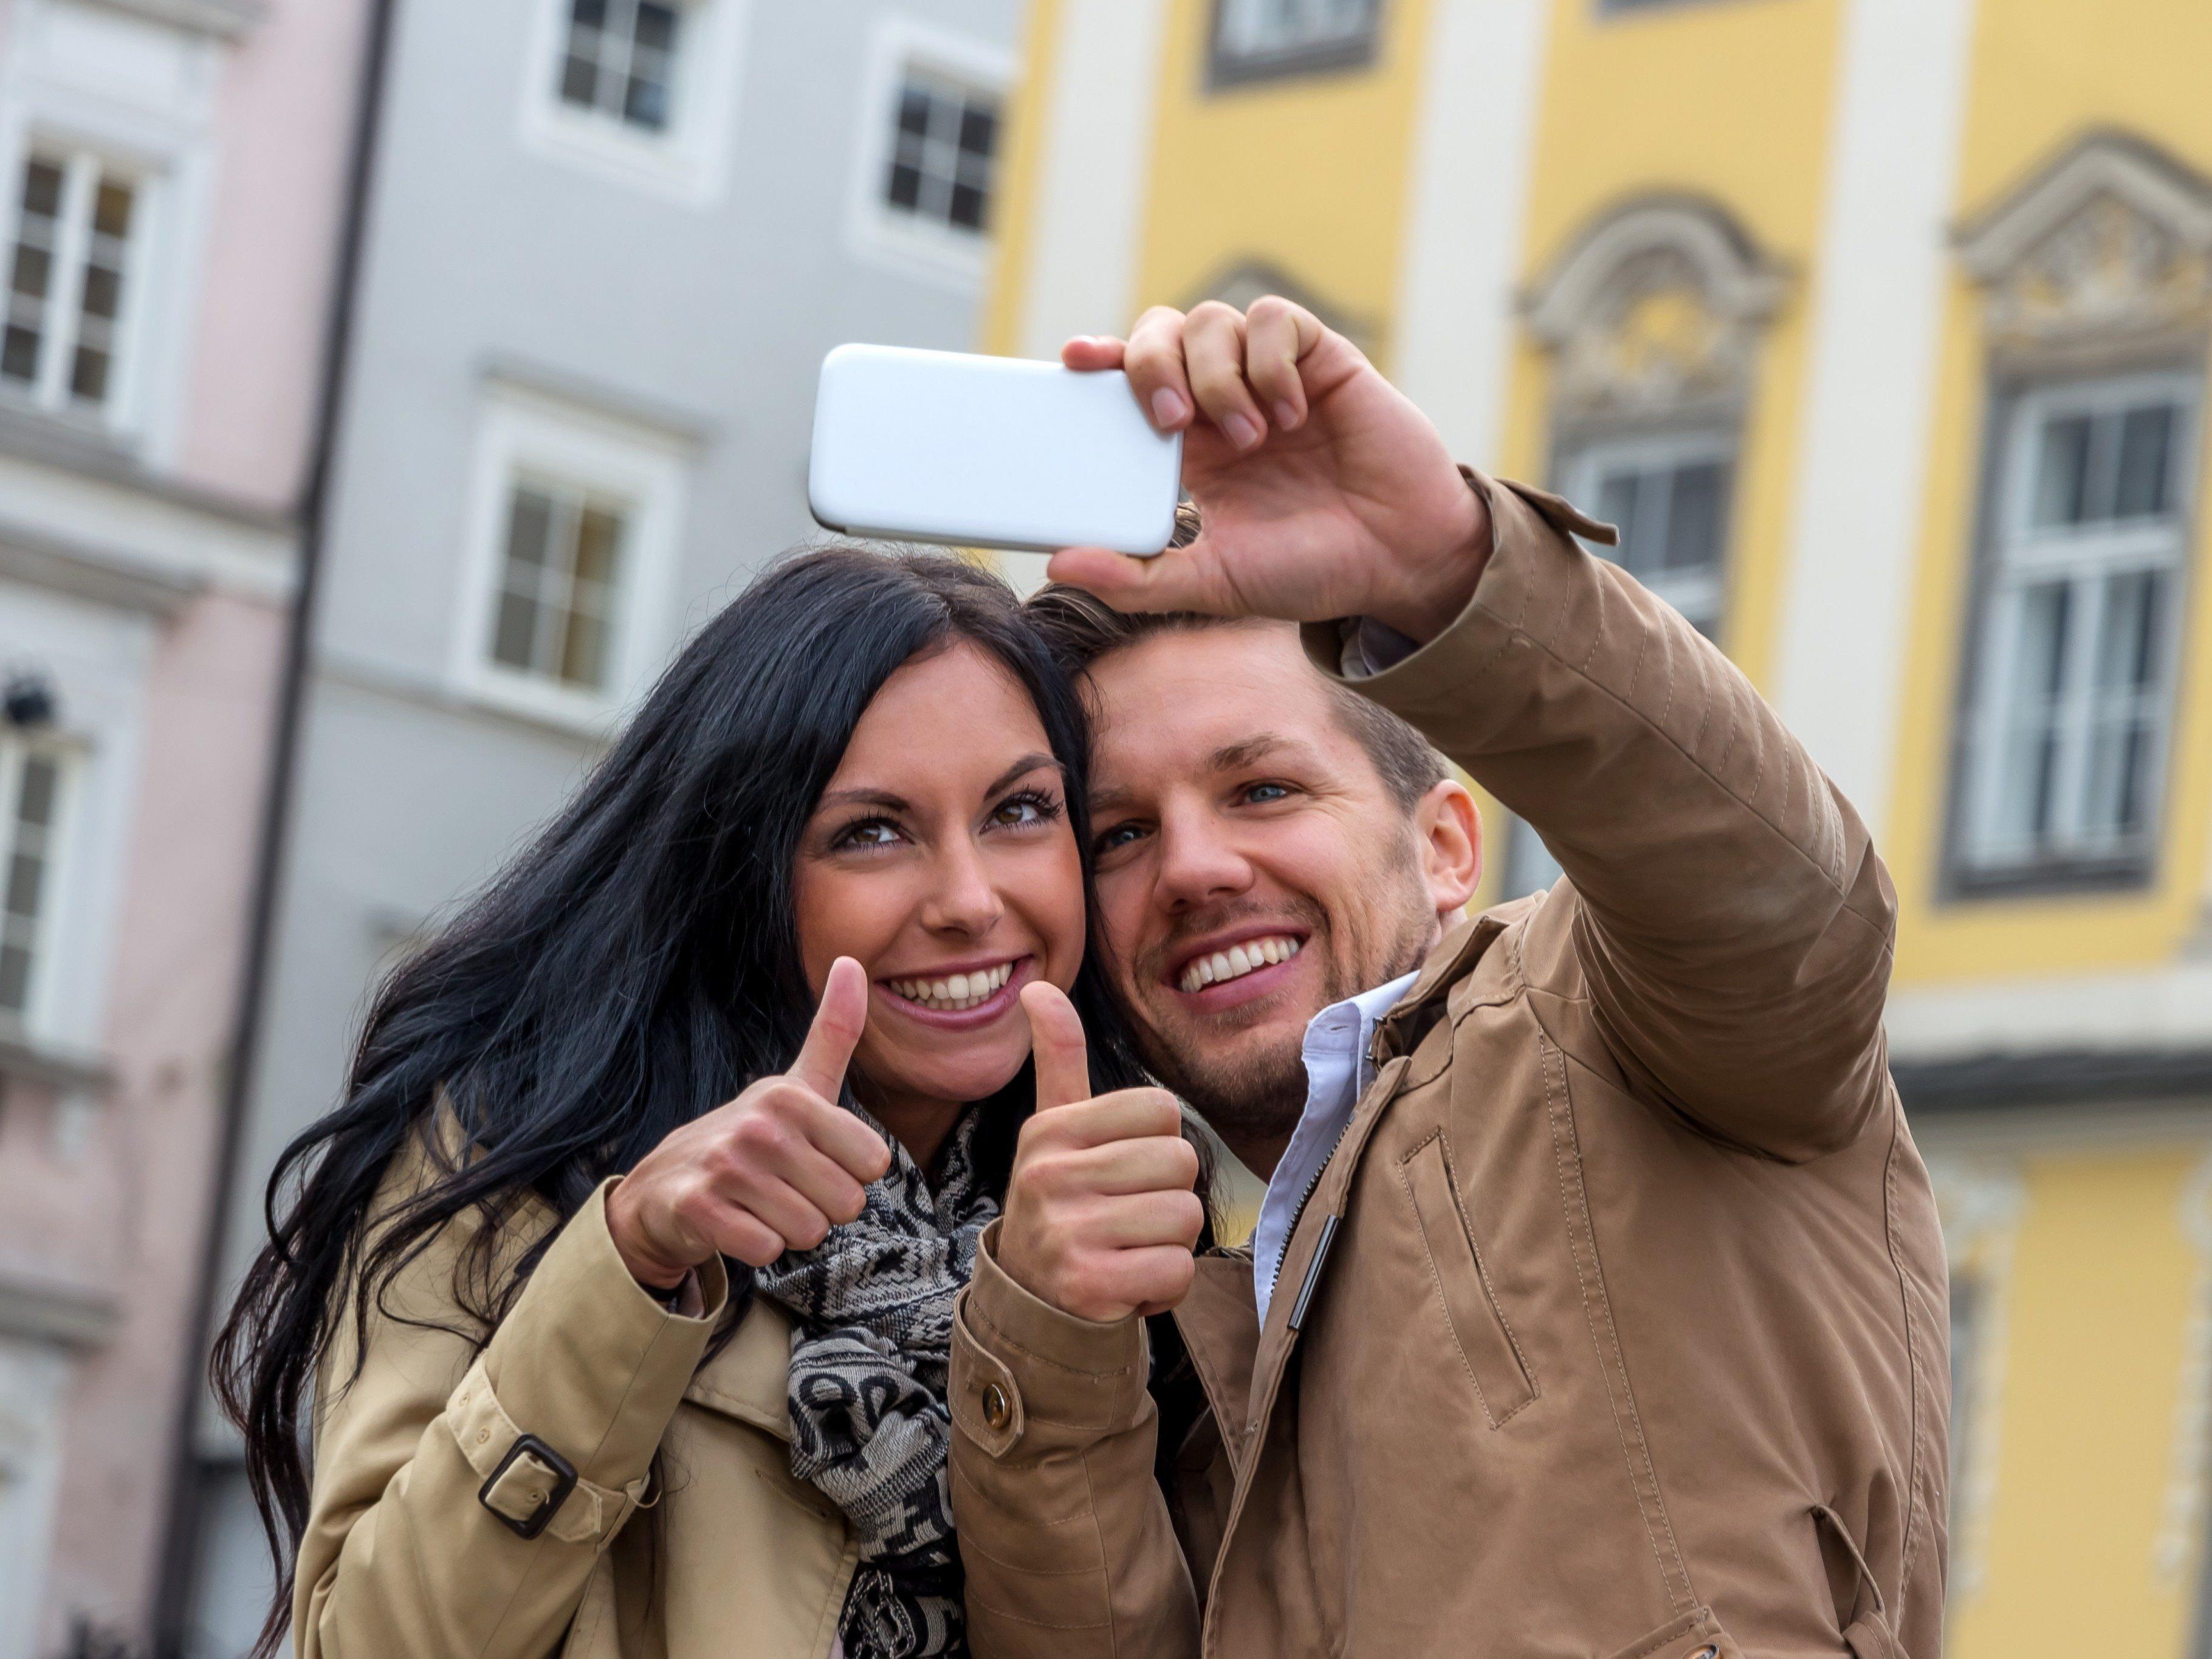 """Kein """"Daumen hoch"""": Selfies und Essensbilder nerven am häufigsten."""